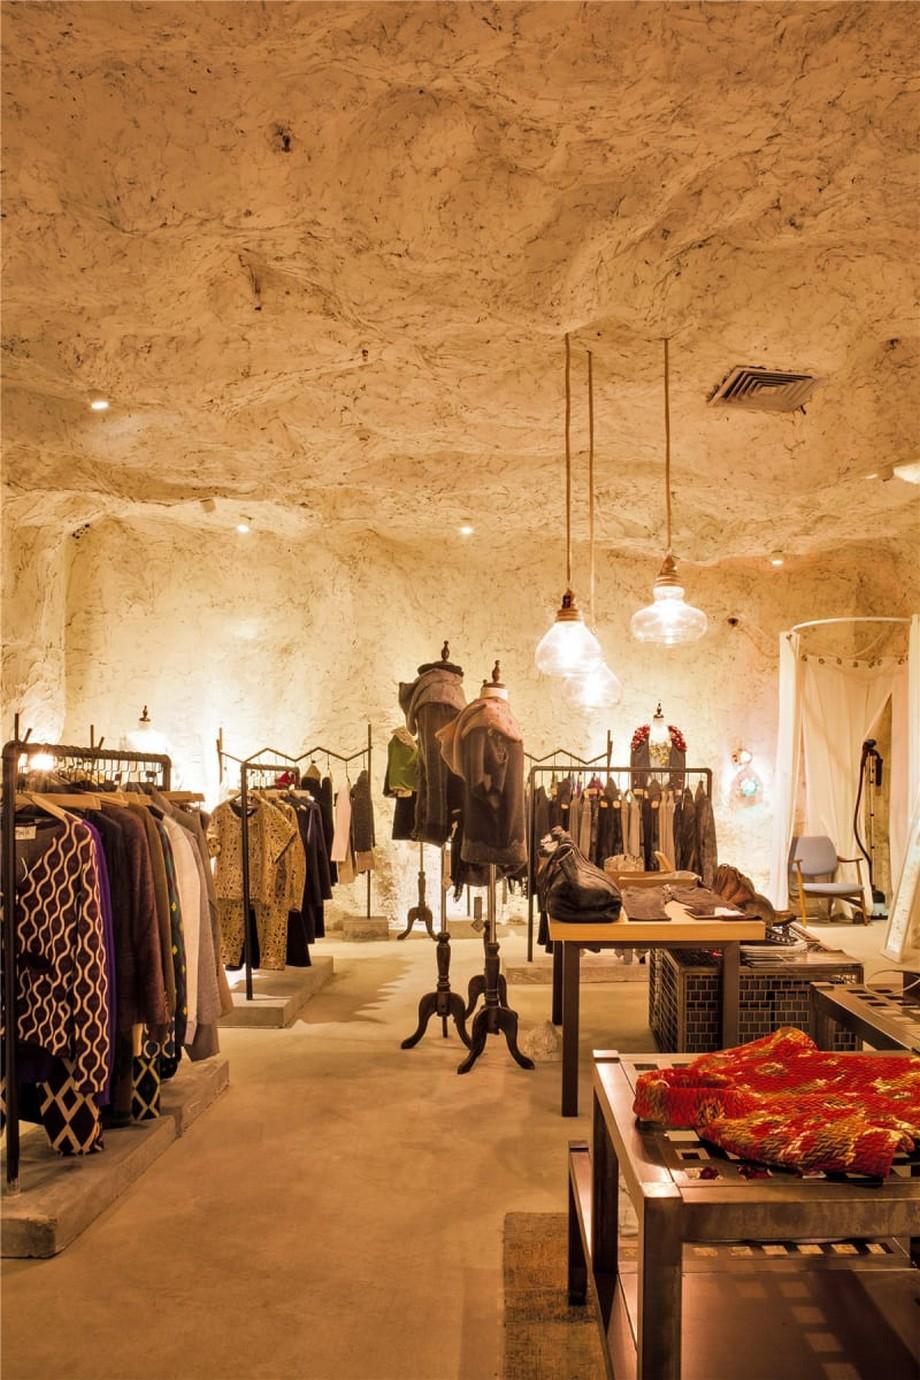 Dự án thiết kế trần nhà đẹp- trang trí shop thời trang độc đáo